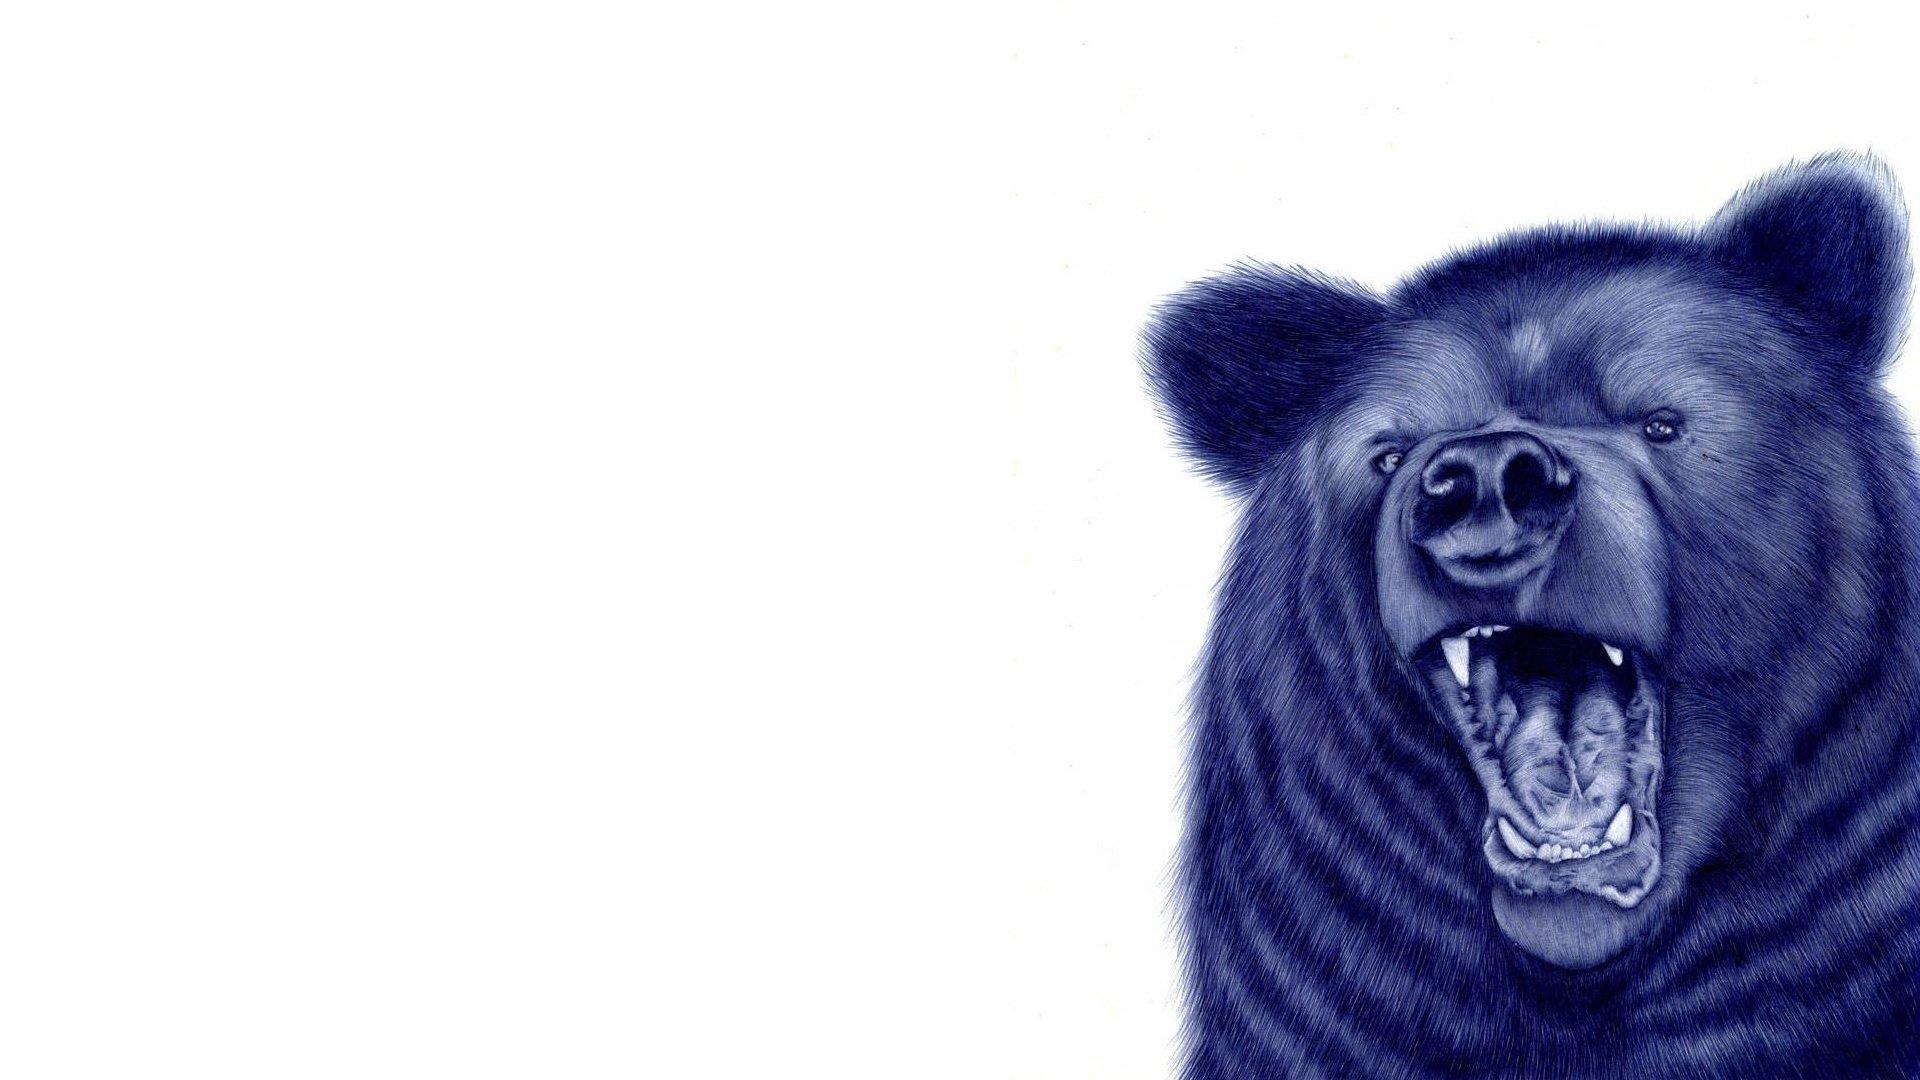 анимированые живые обои разъяреный медведь